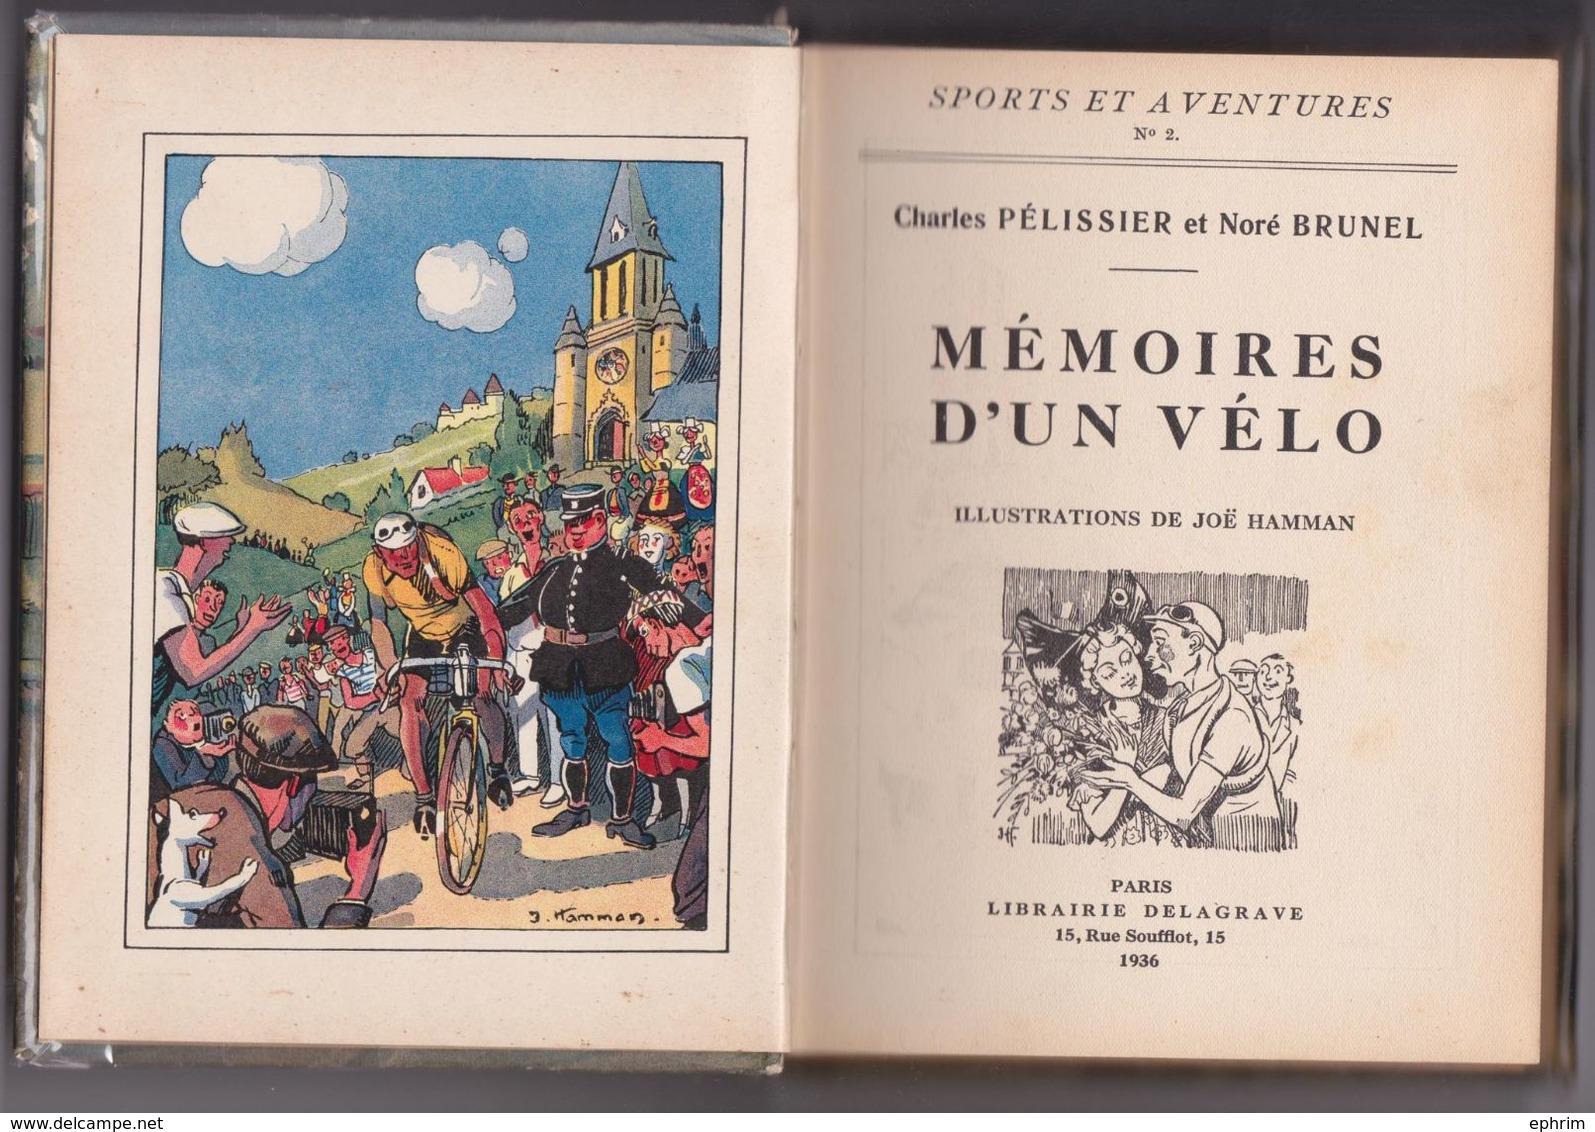 Livre Illustré Les Mémoires D'un Vélo Pélissier Brunel Delagrave Bibliothèque Juventa 1936 Cyclisme Tour De France - Deportes